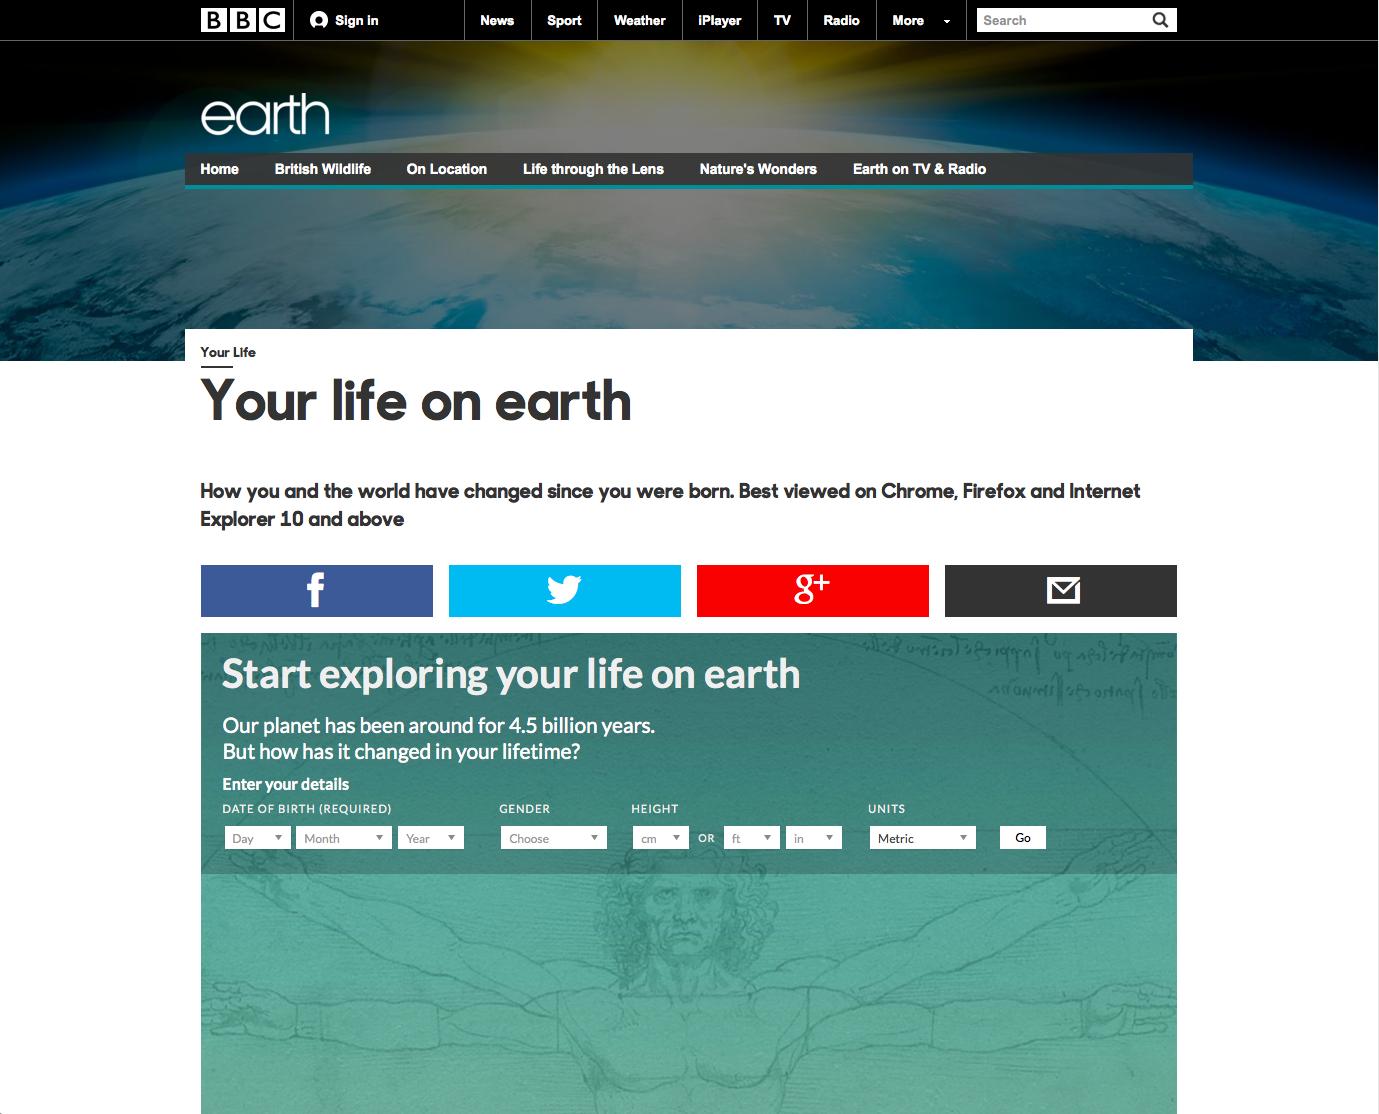 A sua vida na Terra